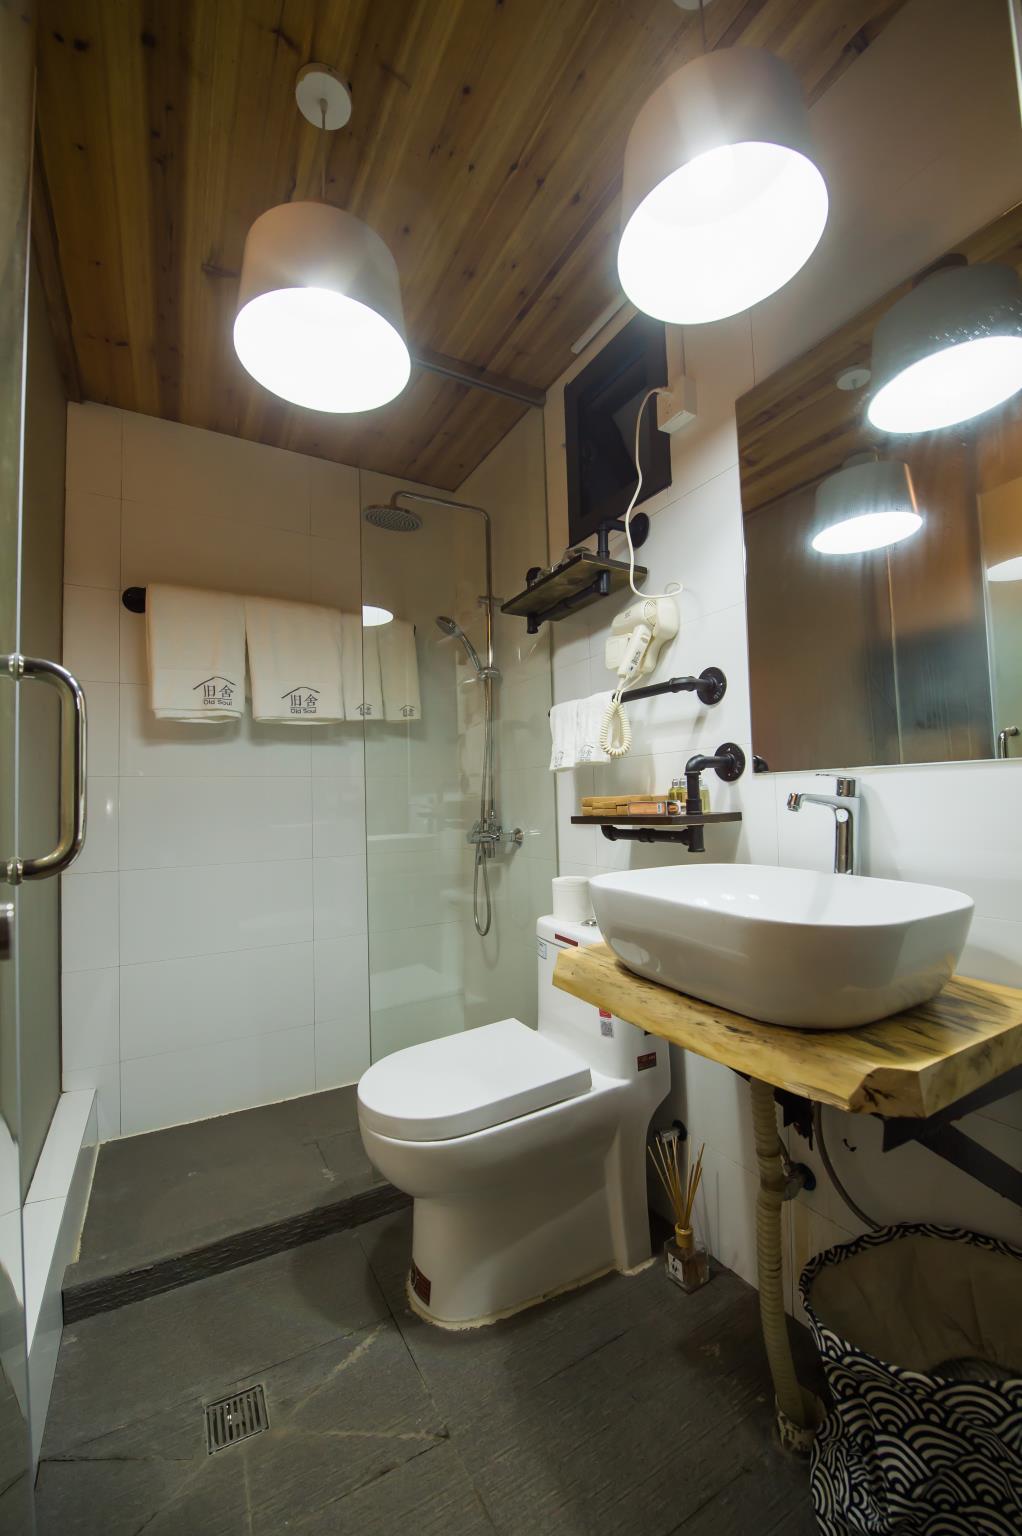 SHUIKOU JIUSHE Studio With Reservoir View